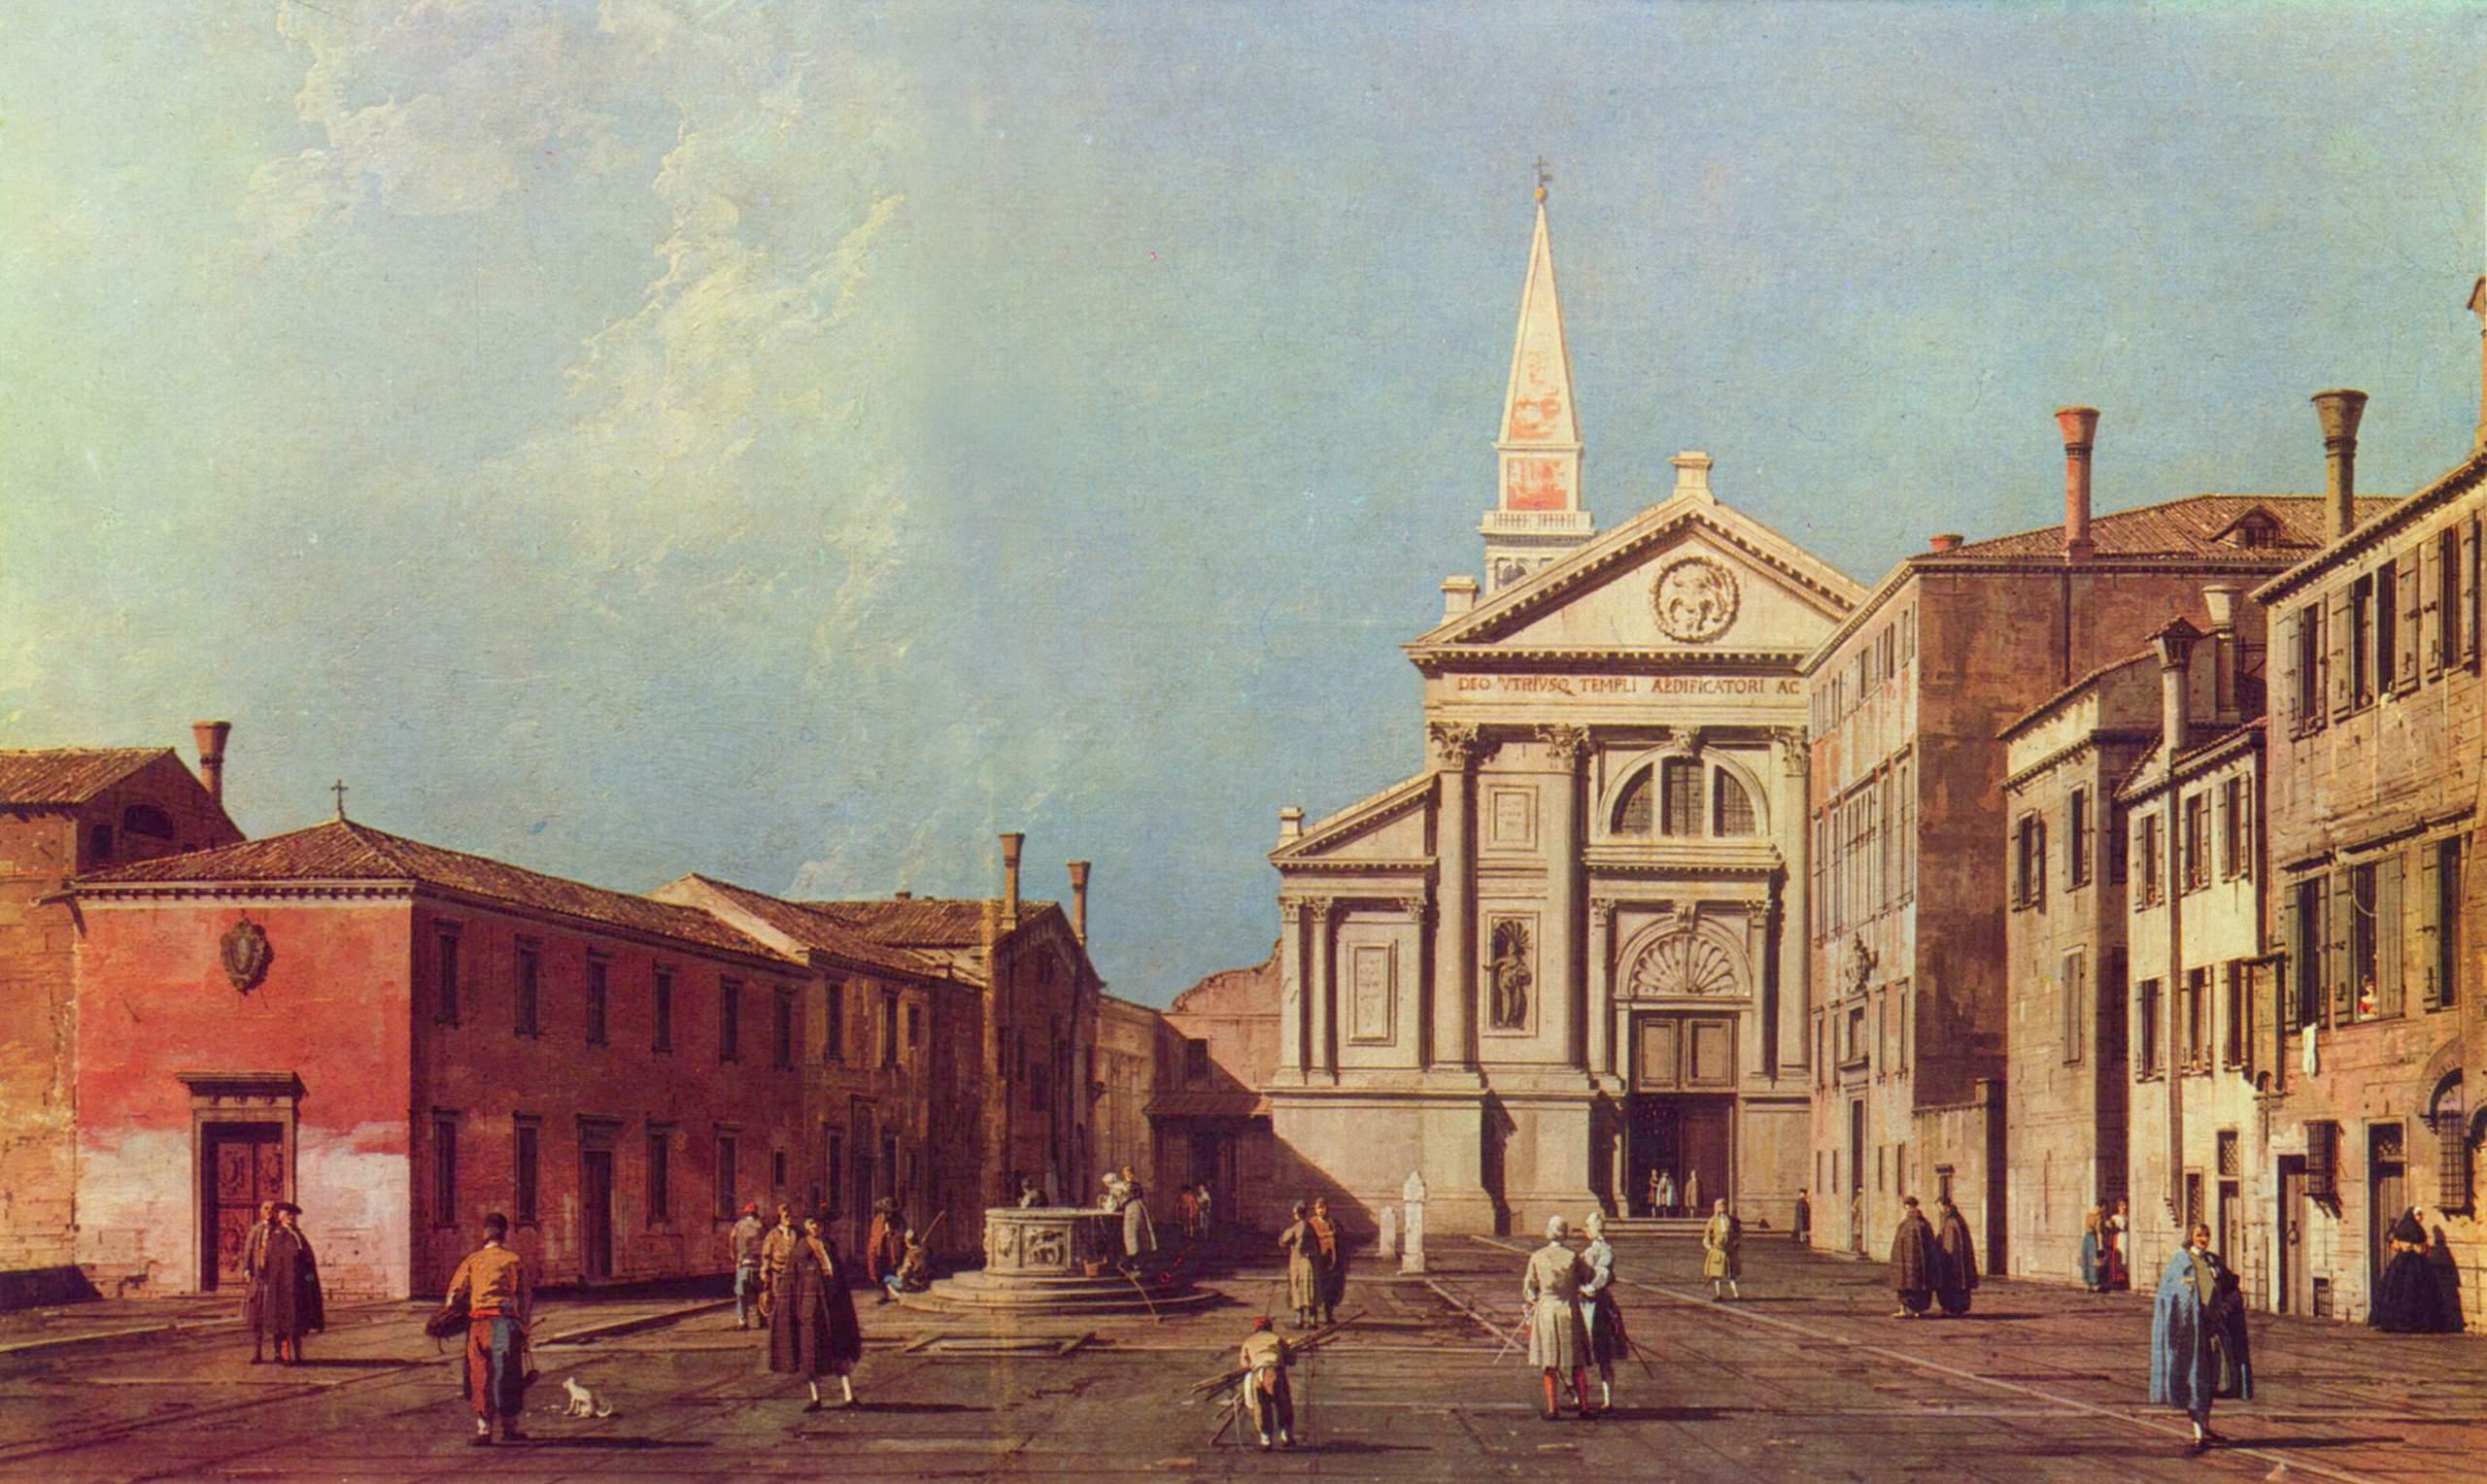 Площадь и церковь иезуитов, Антонио Каналетто 2